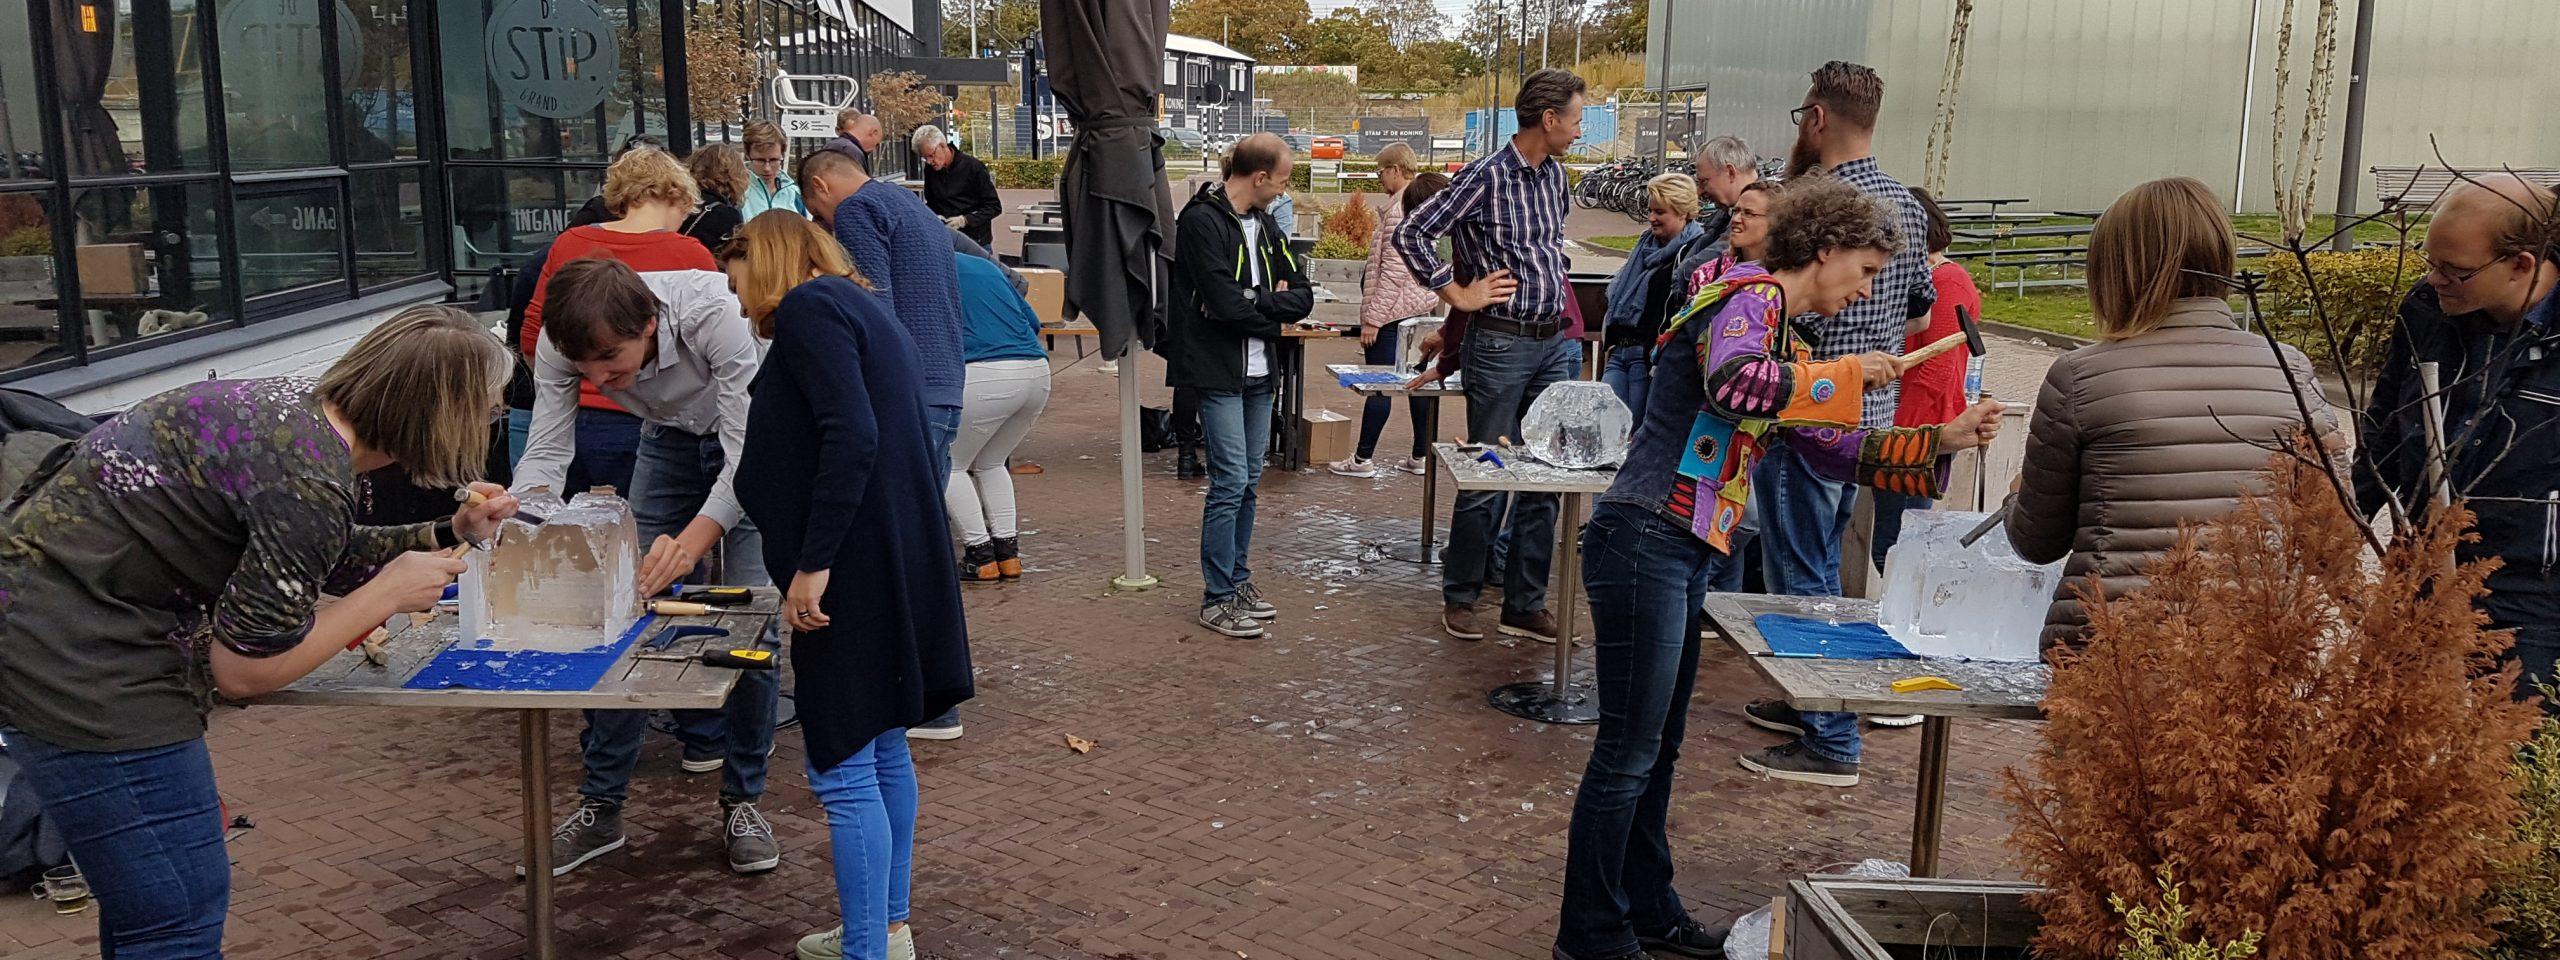 ijsculpturen Nijmegen